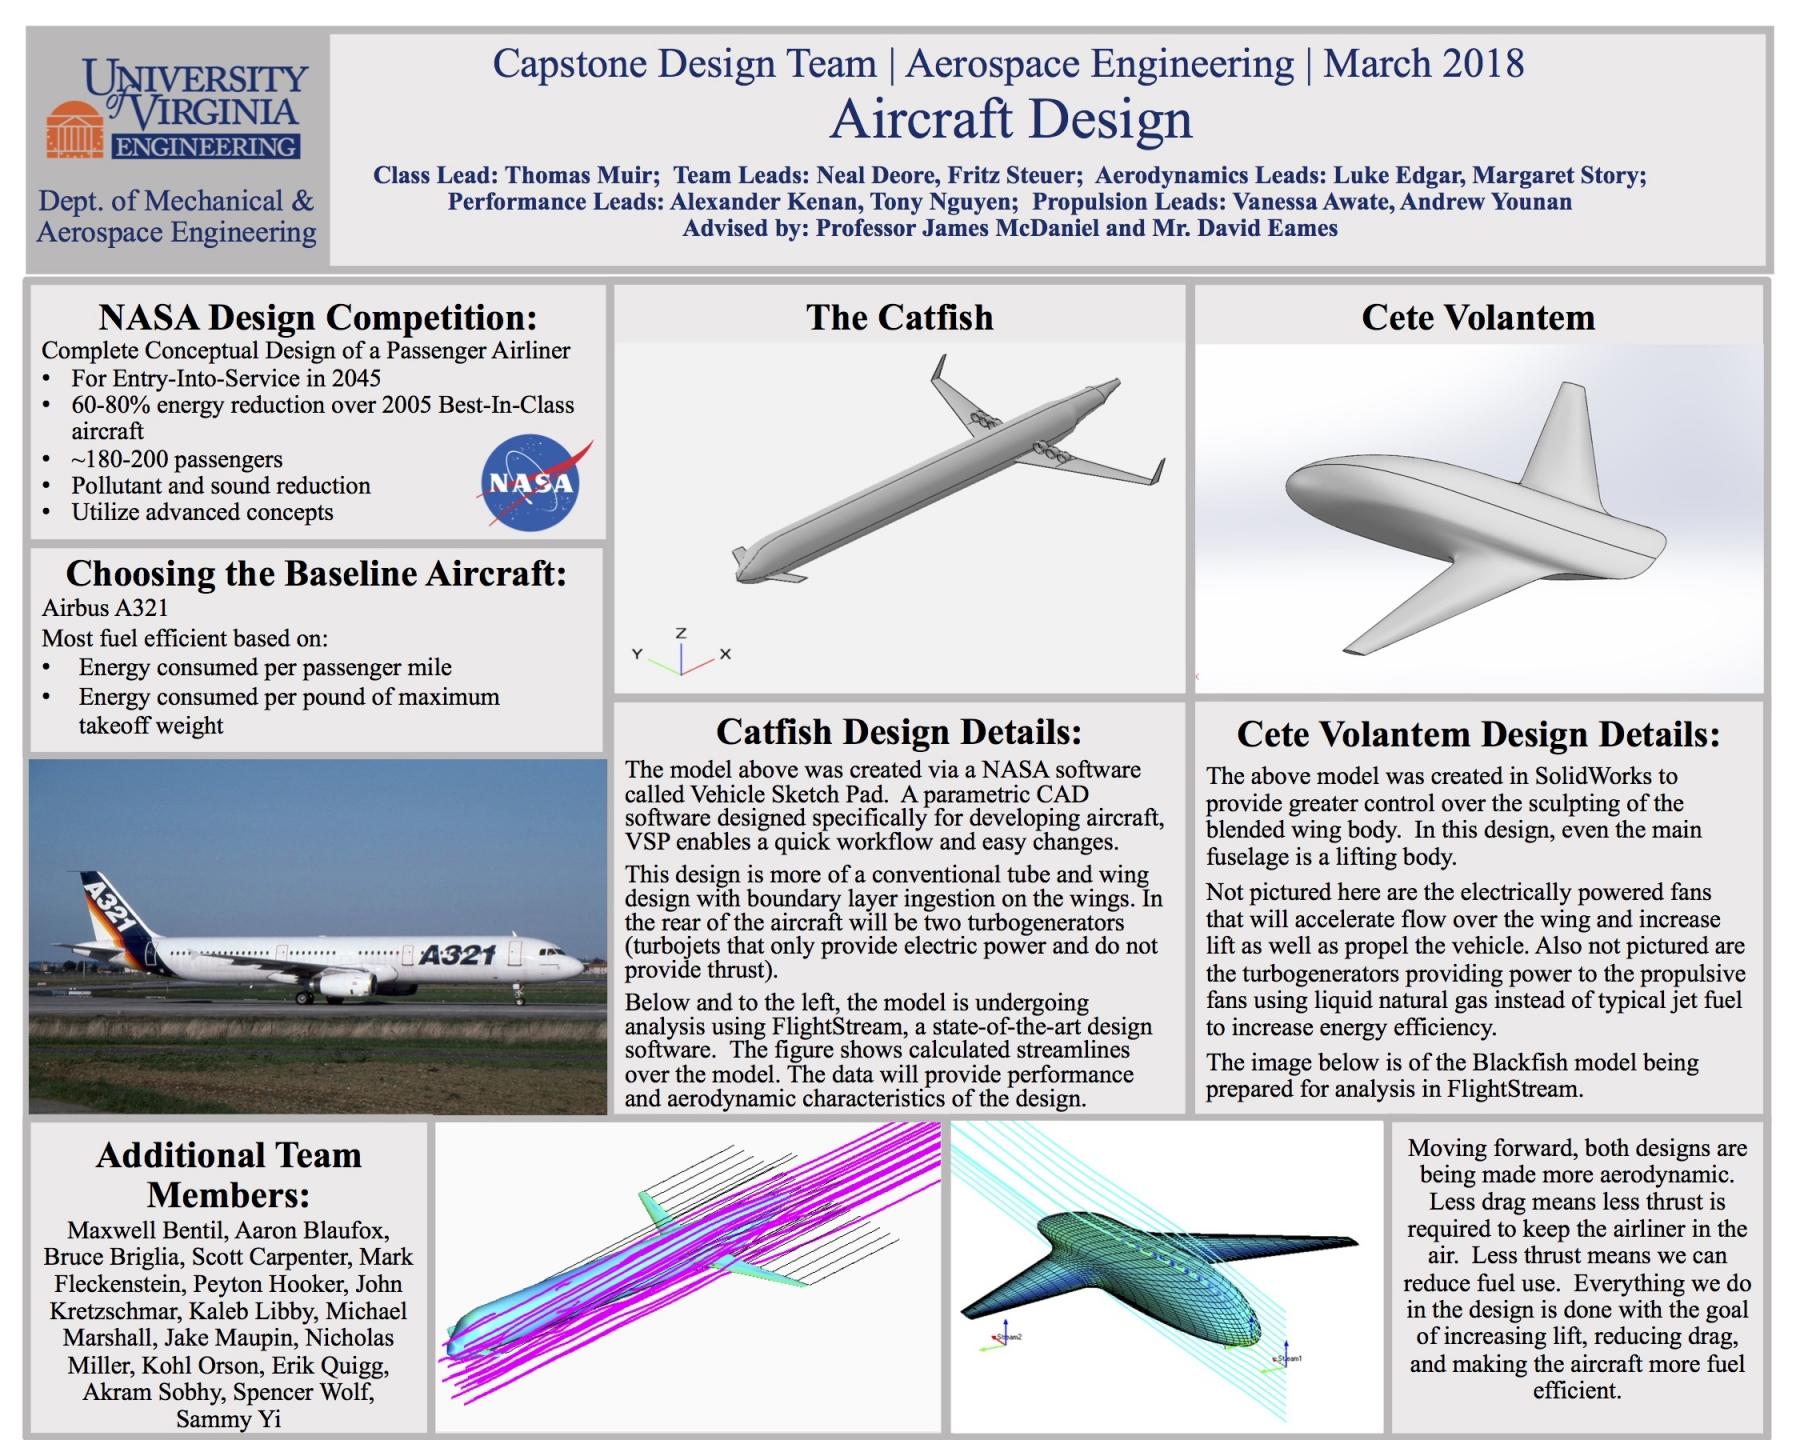 Aircraft Design.jpg